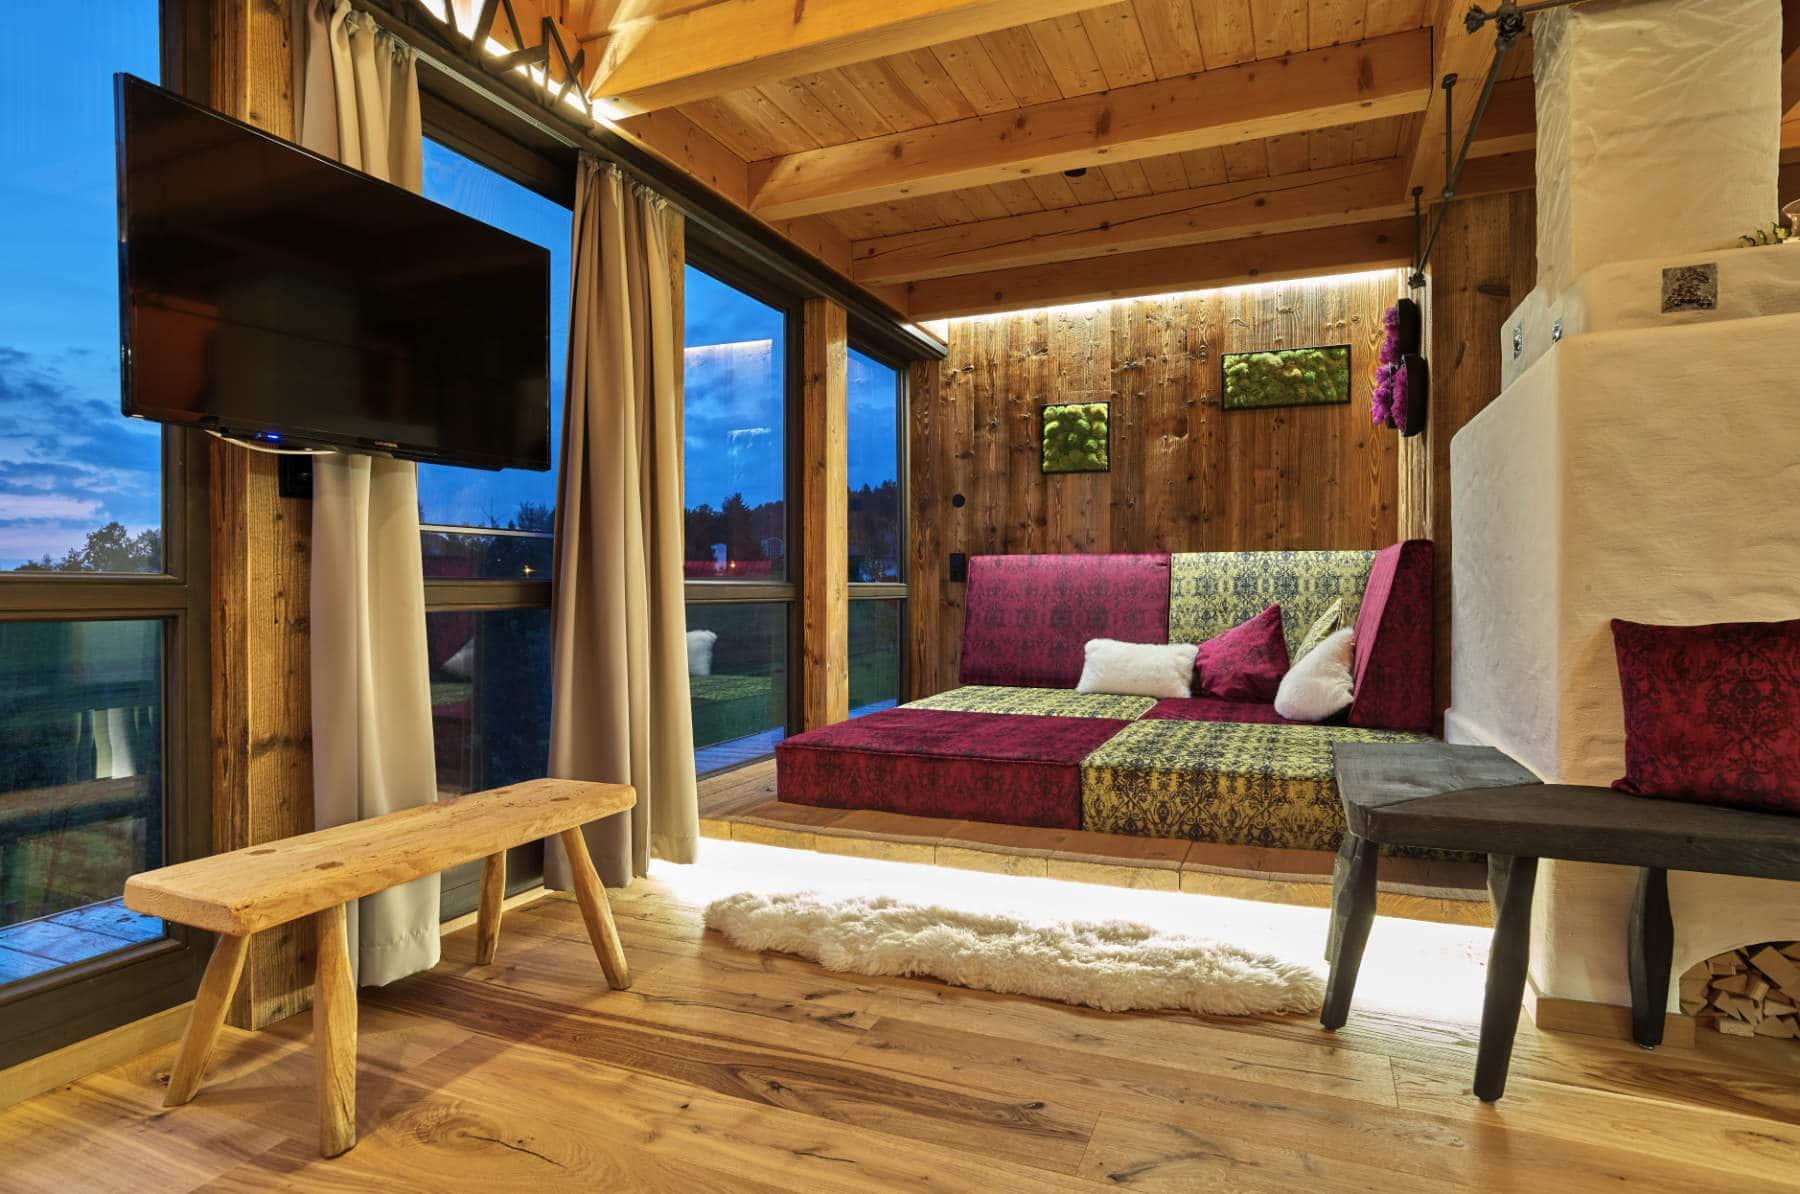 das neue luxus chalet f r 2 personen im bayerischen wald. Black Bedroom Furniture Sets. Home Design Ideas